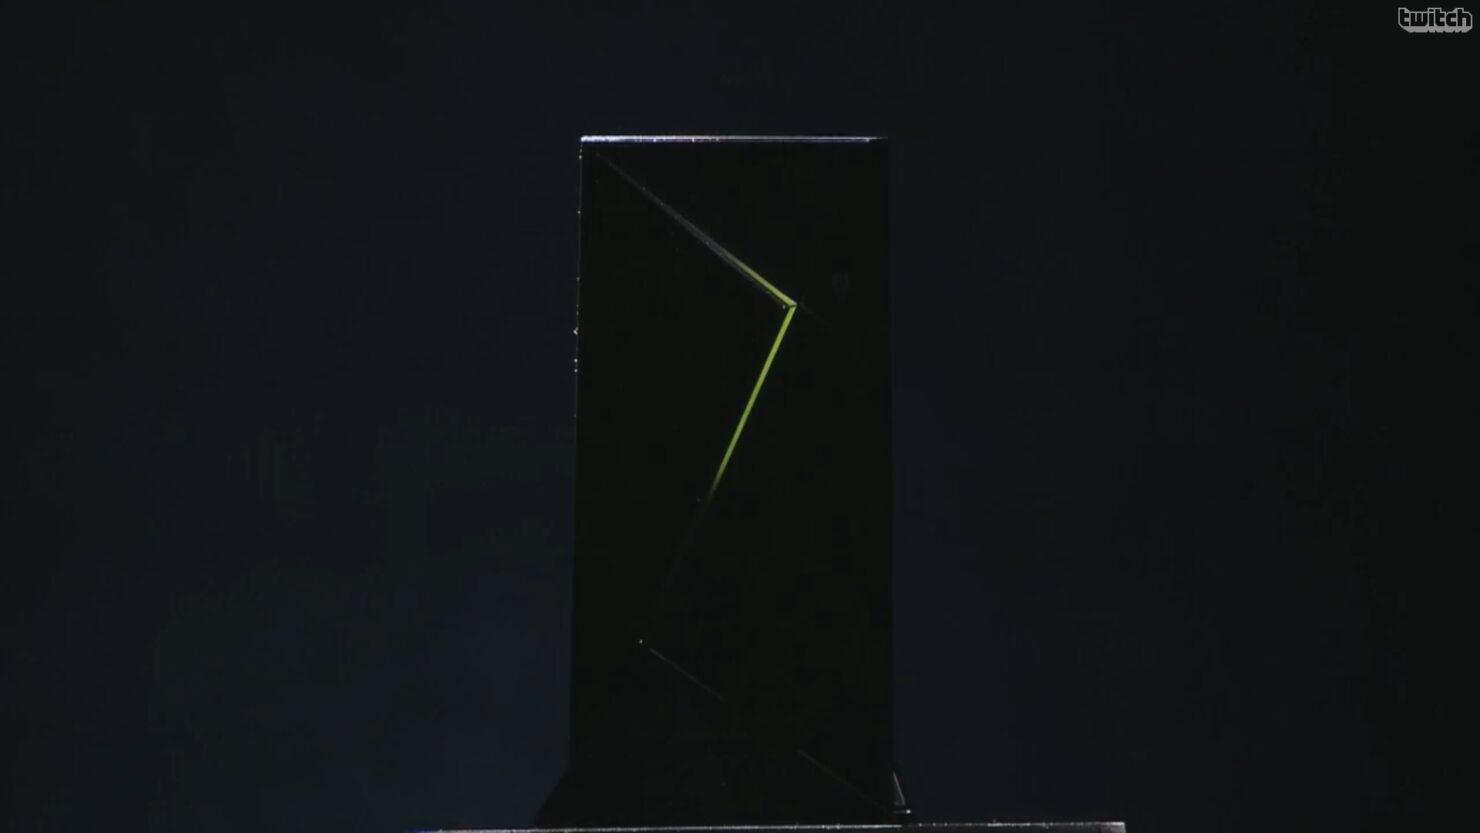 shield-microconsole-2